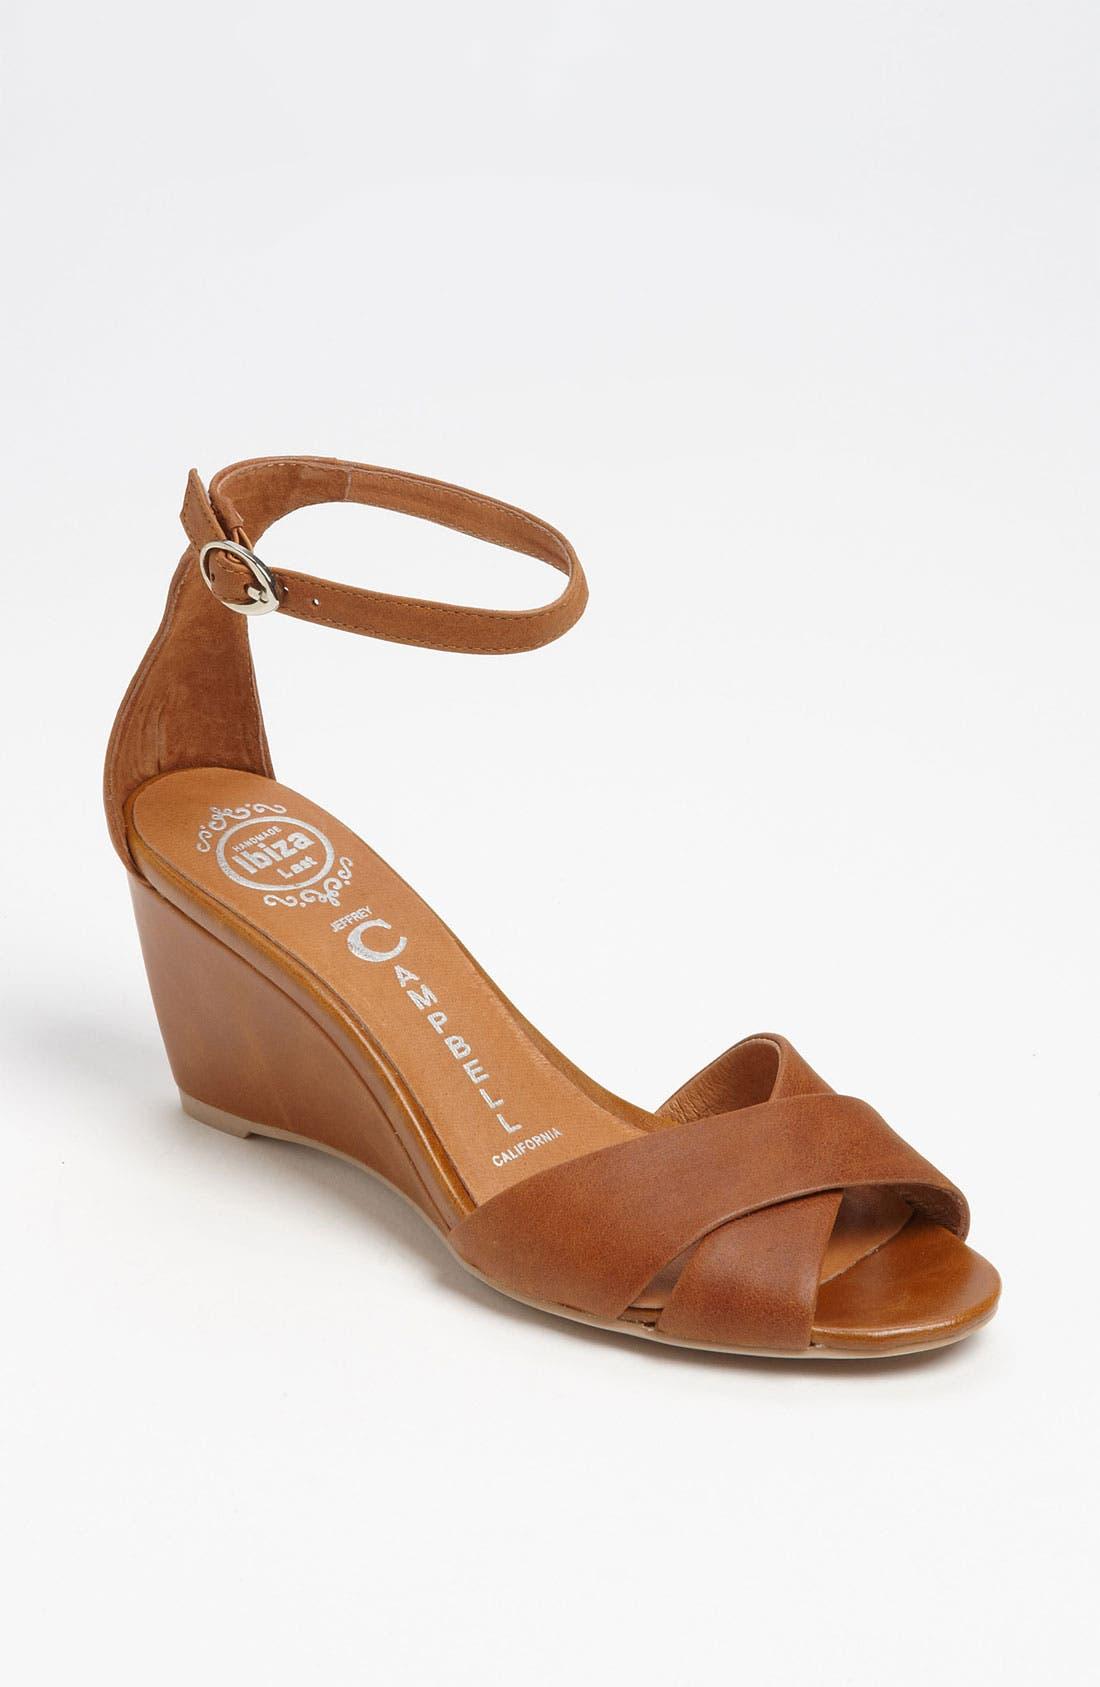 Main Image - Jeffrey Campbell 'Trudeau' Sandal